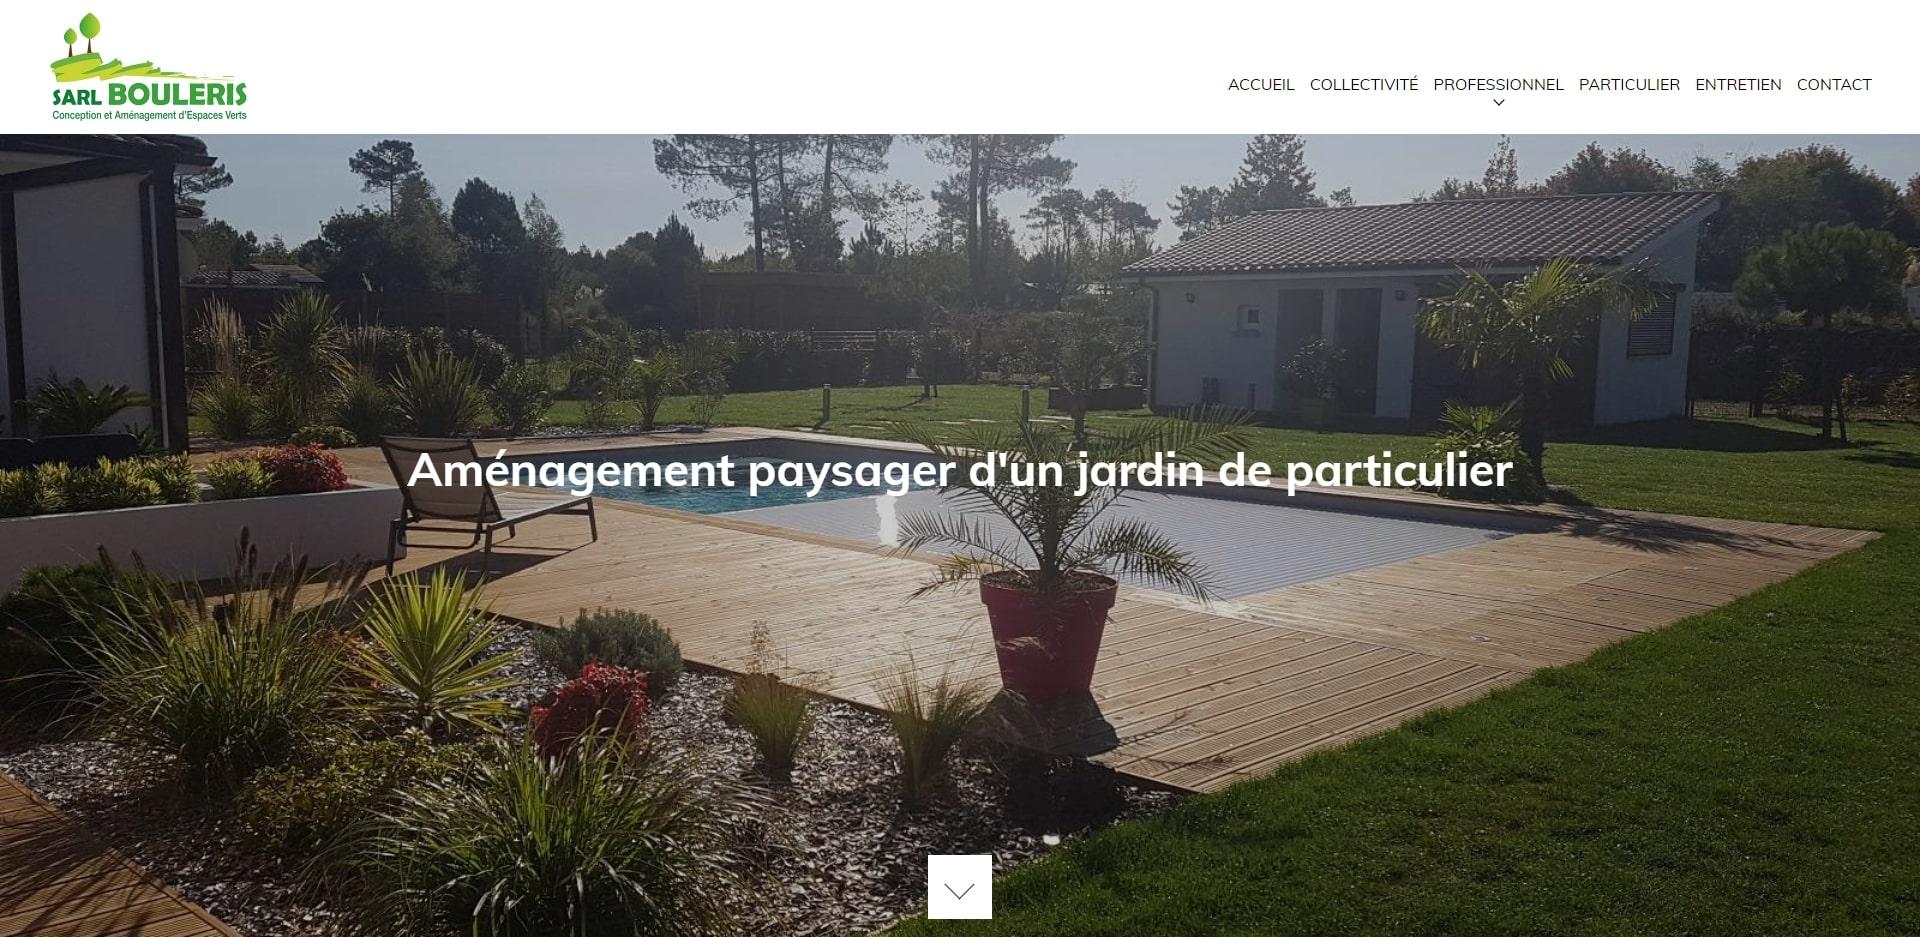 Trouver Un Jardinier A Domicile réalisation du site internet pour une entreprise de